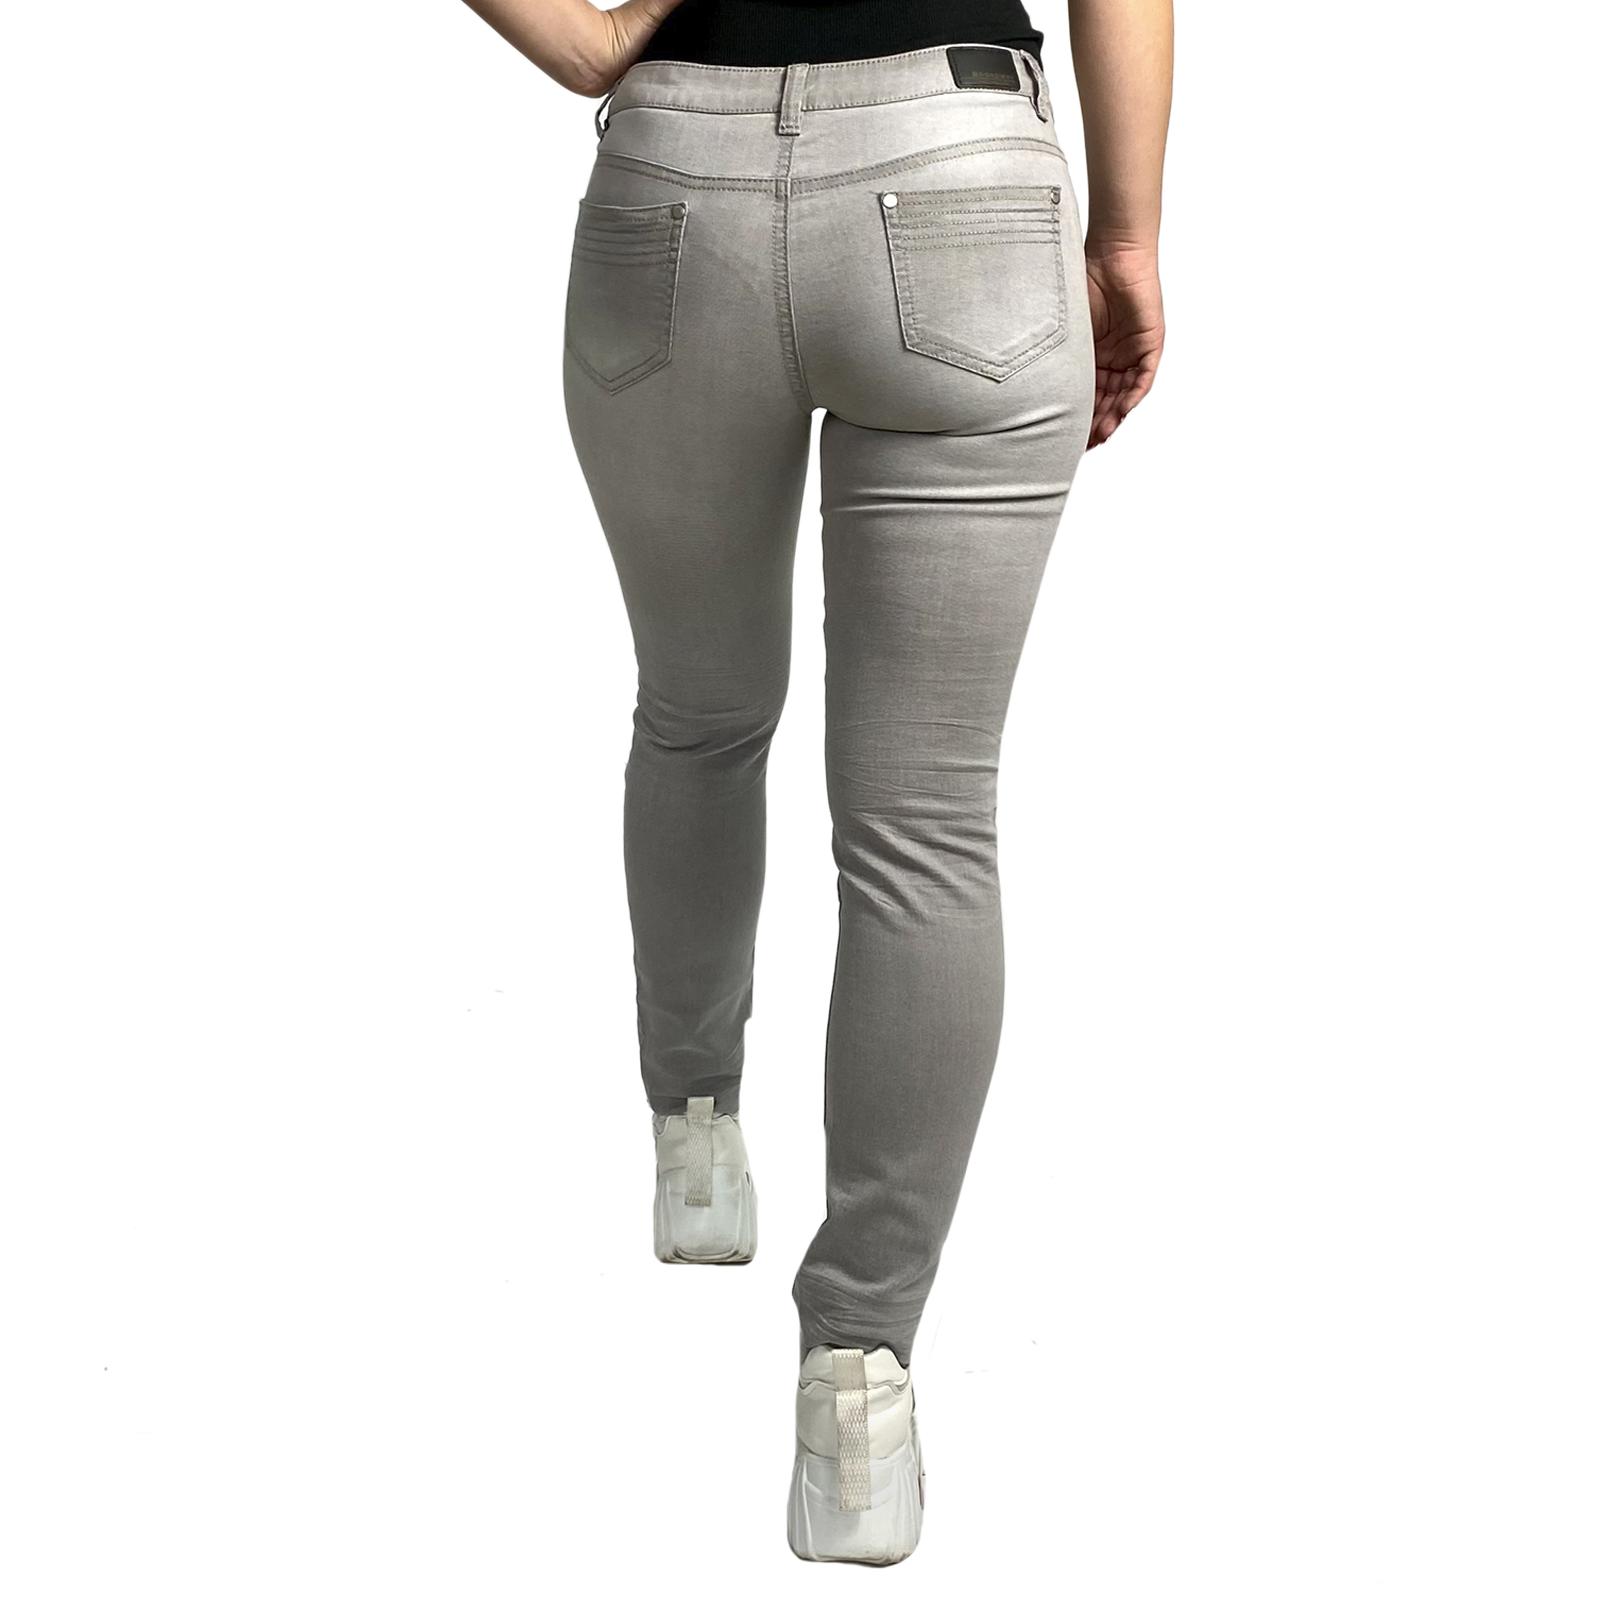 Дизайнерские джинсы от бренда Broadway®